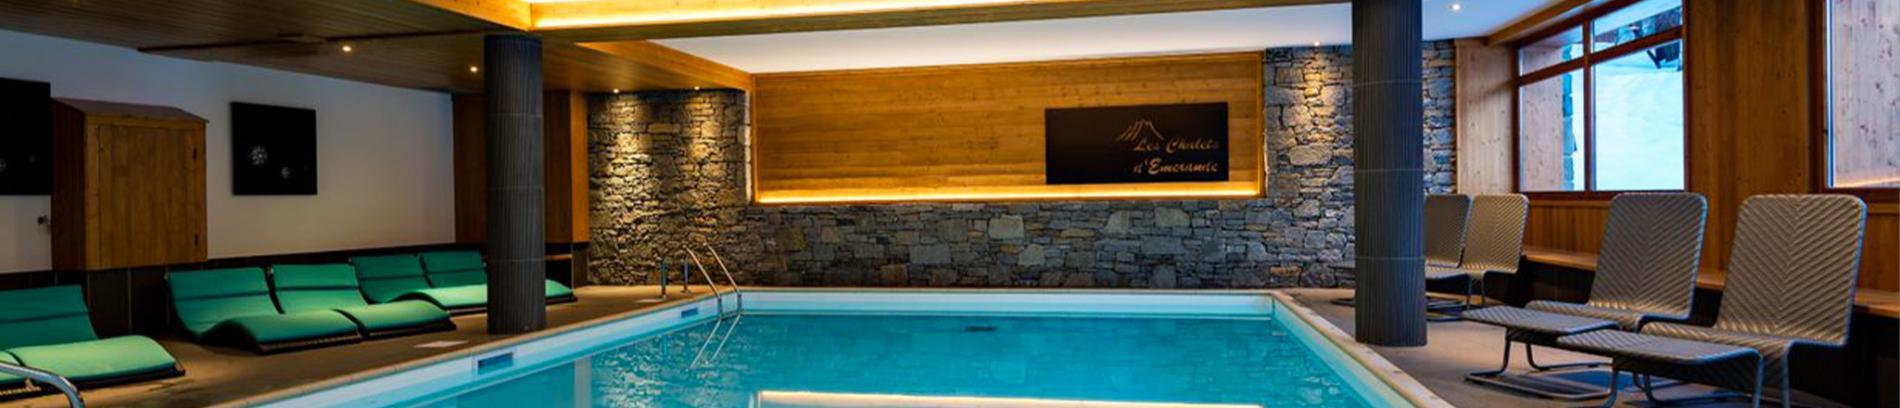 Slide La piscine